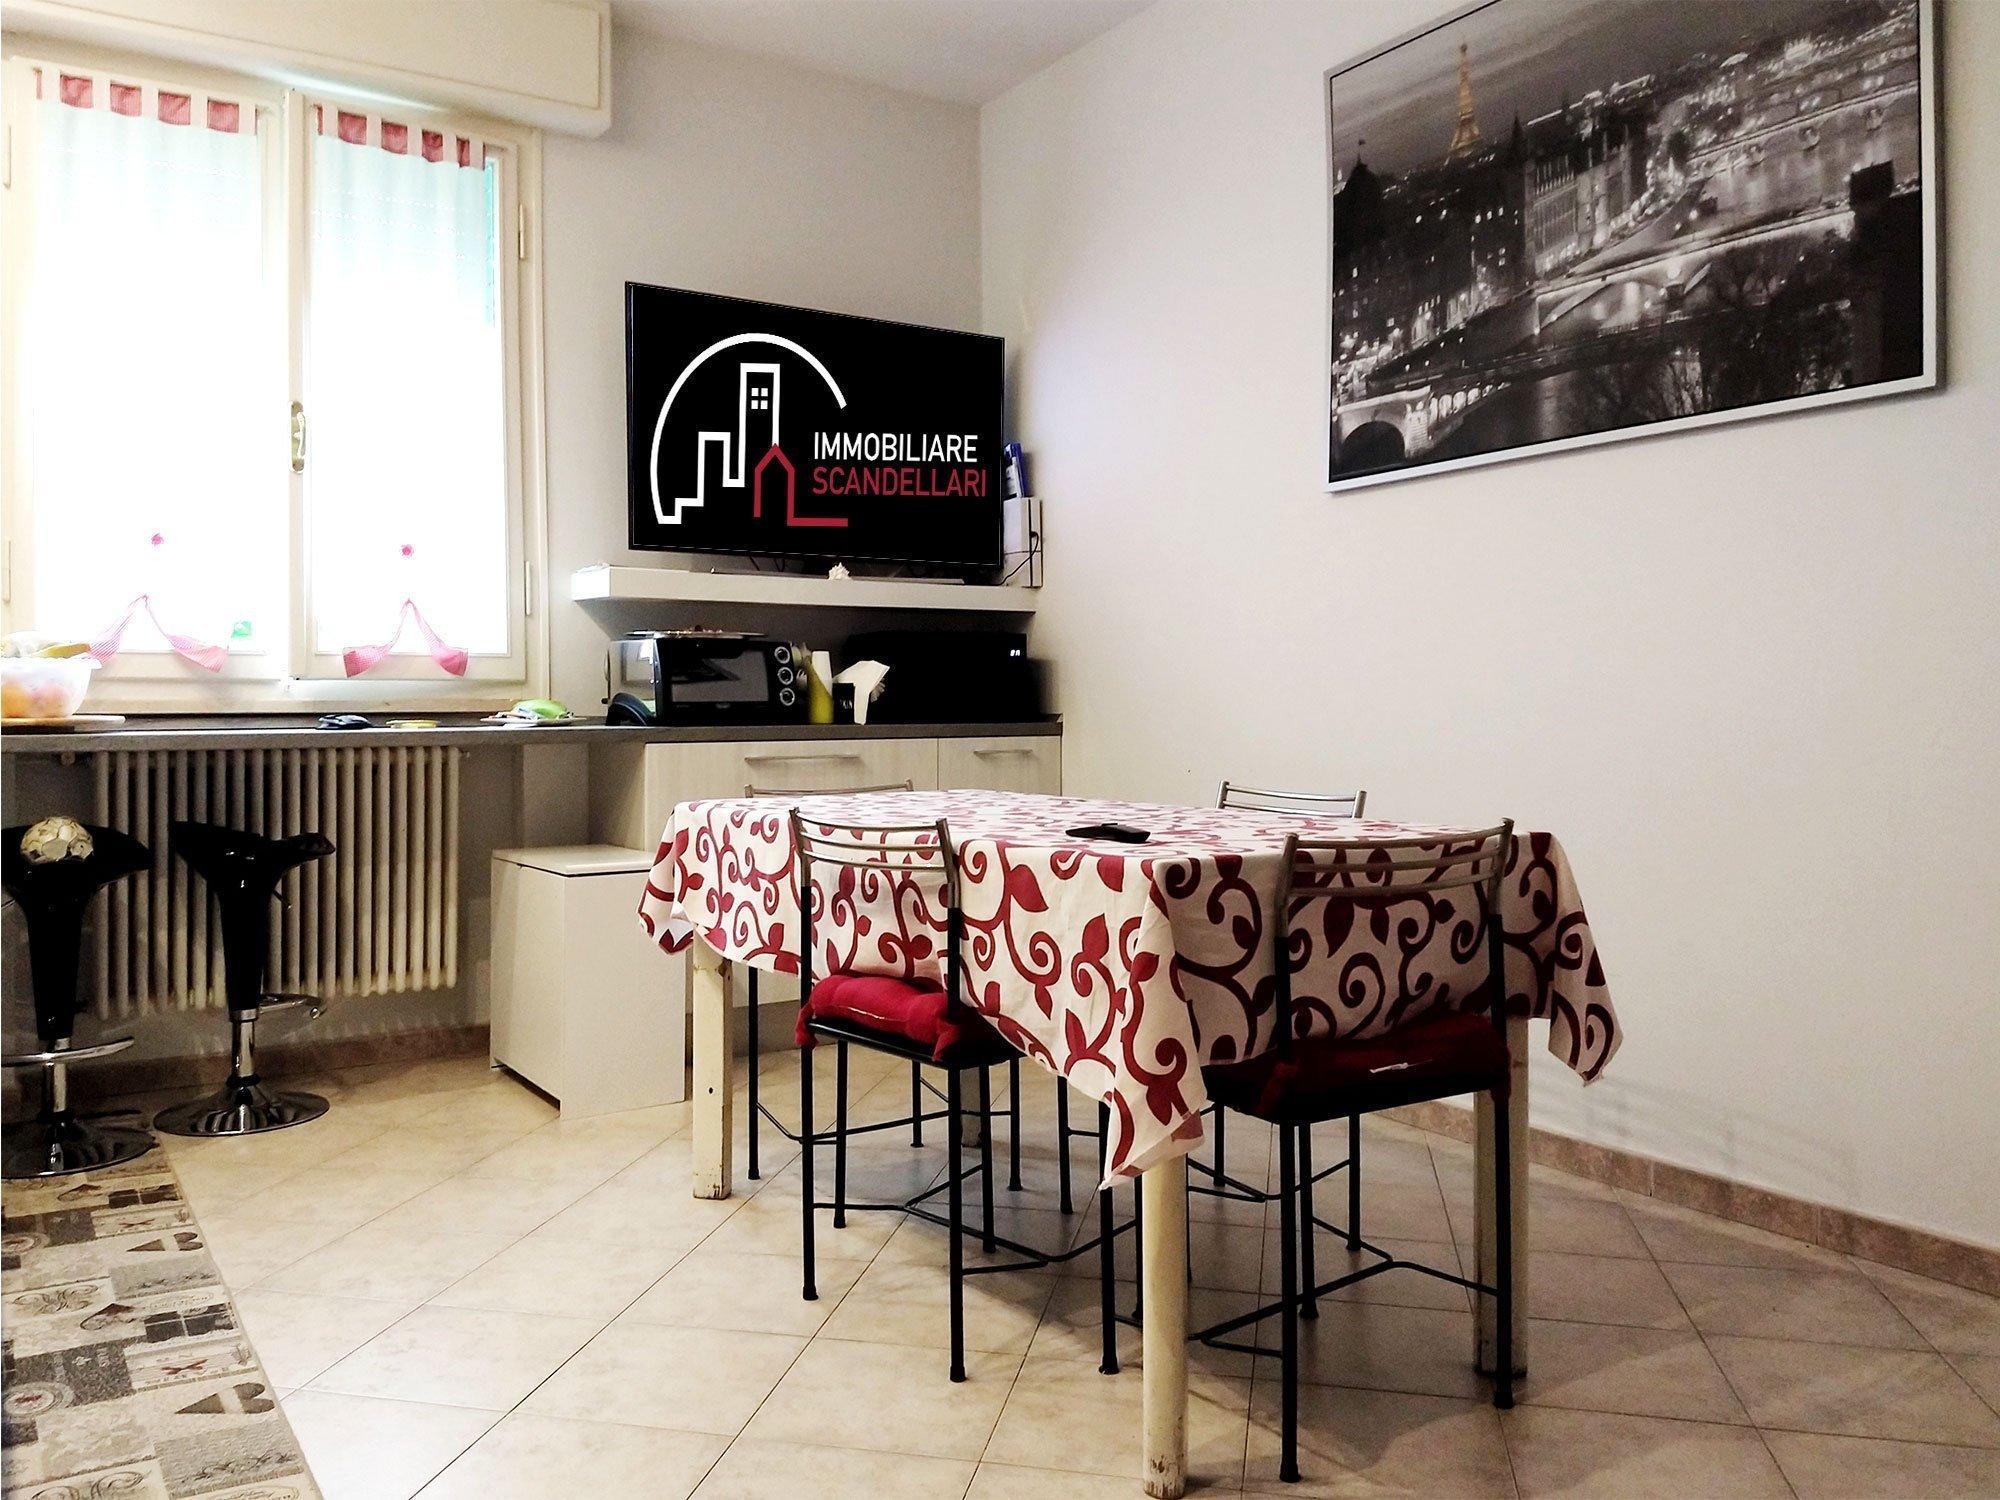 Rimini - Ospedale - Trilocale con garage - Immobiliare Scandellari